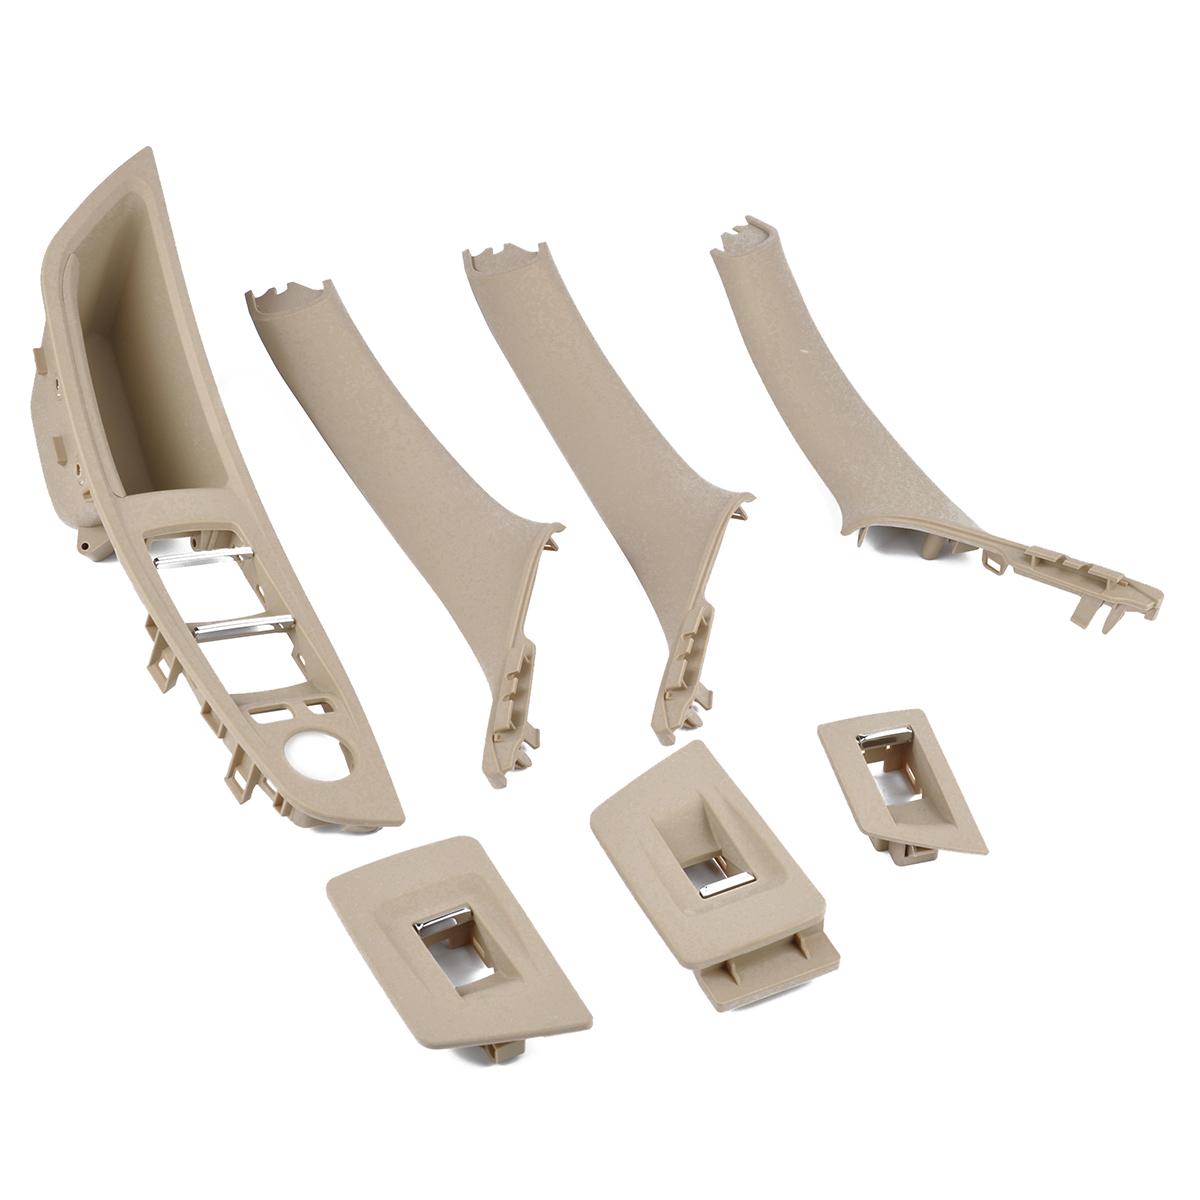 1Set Door Handle Window Switch Panel for BMW 5 Series 520 523 525 F10 F11 51417225873 A1880 beige